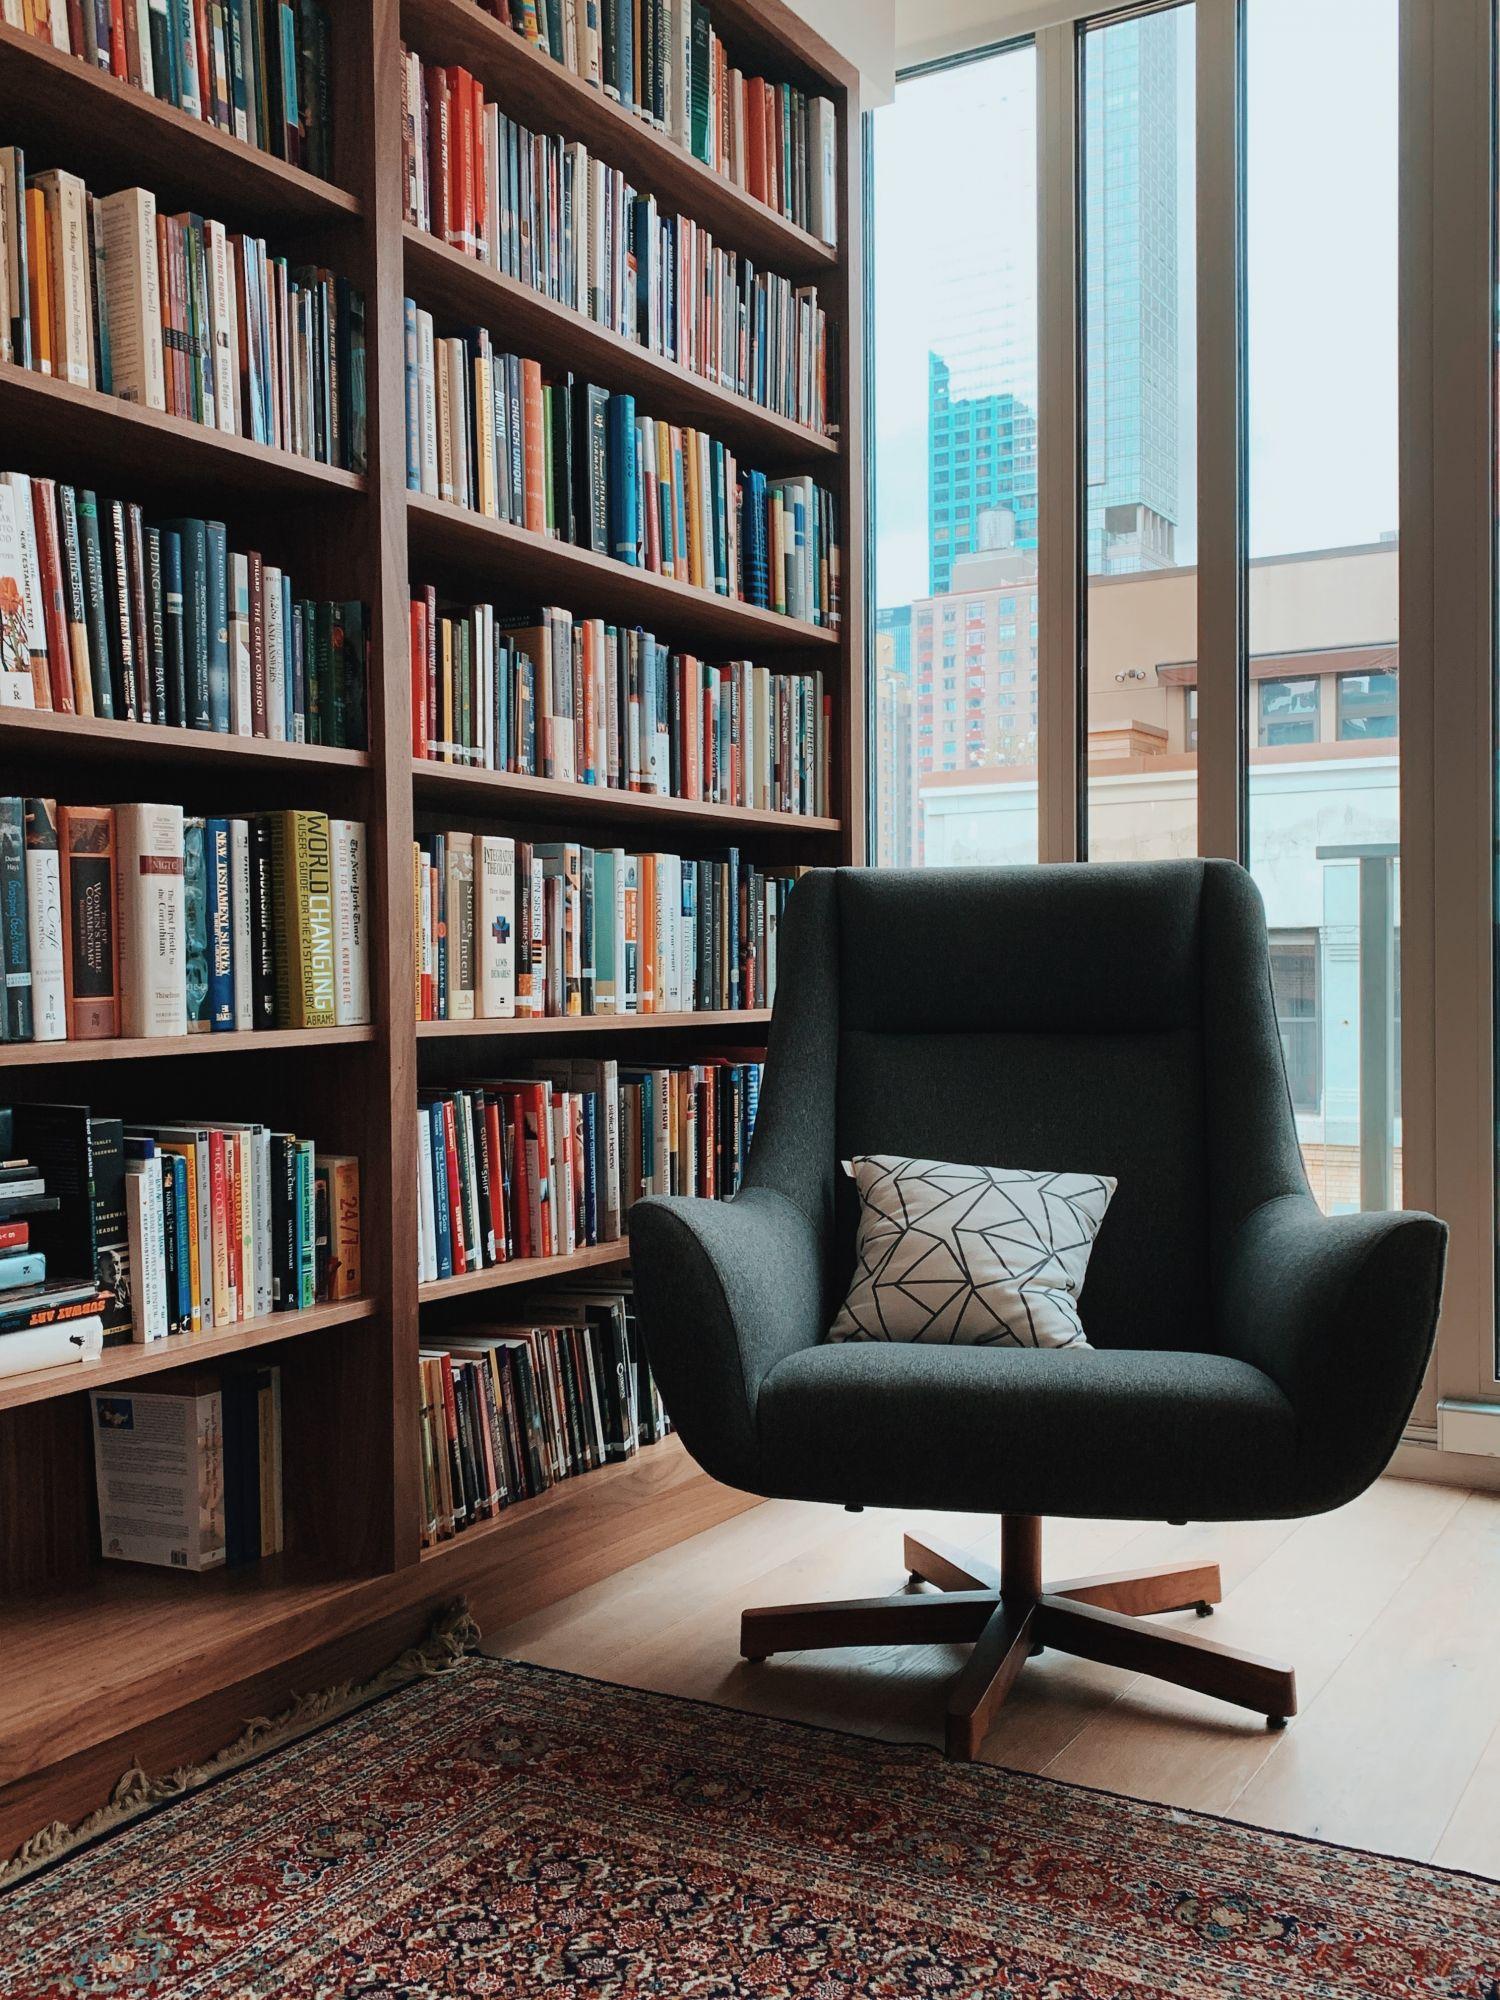 Libreria a tutt'altezza in casa: classica in legno massello